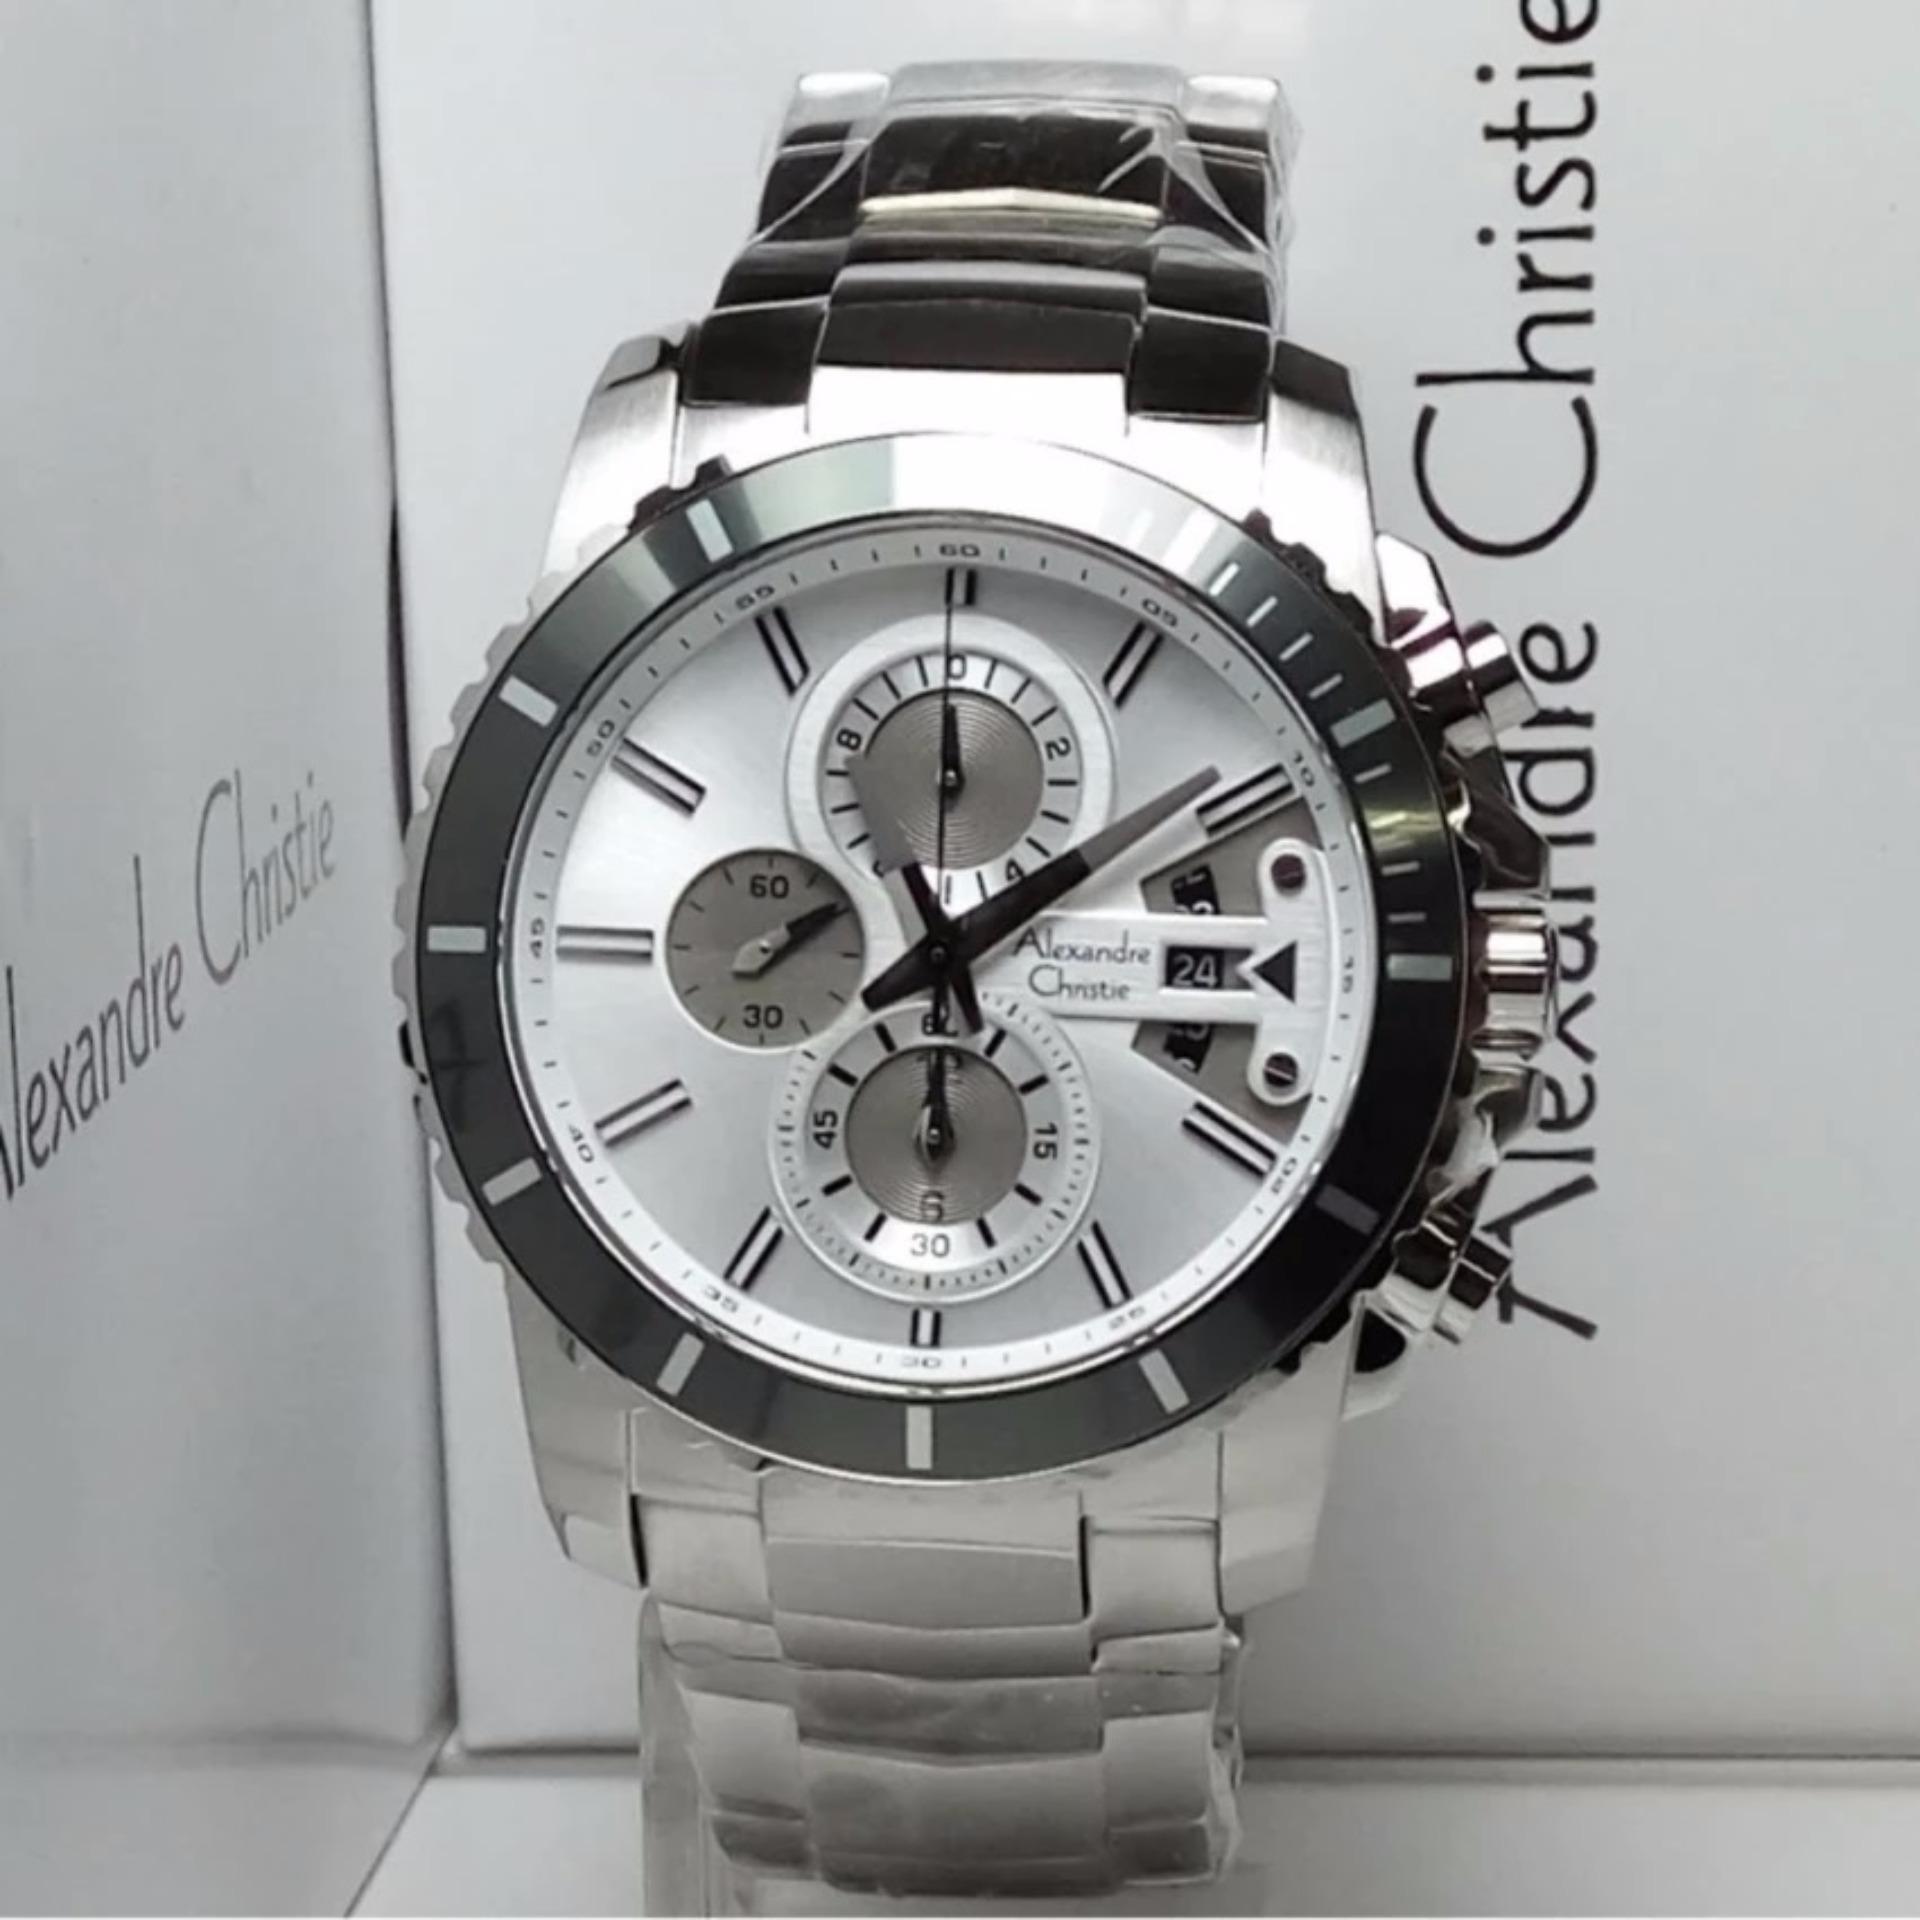 Penjualan Alexandre Christie 6455 MC Silver - Jam Tangan Pria terbaik murah - Hanya Rp1.313.850